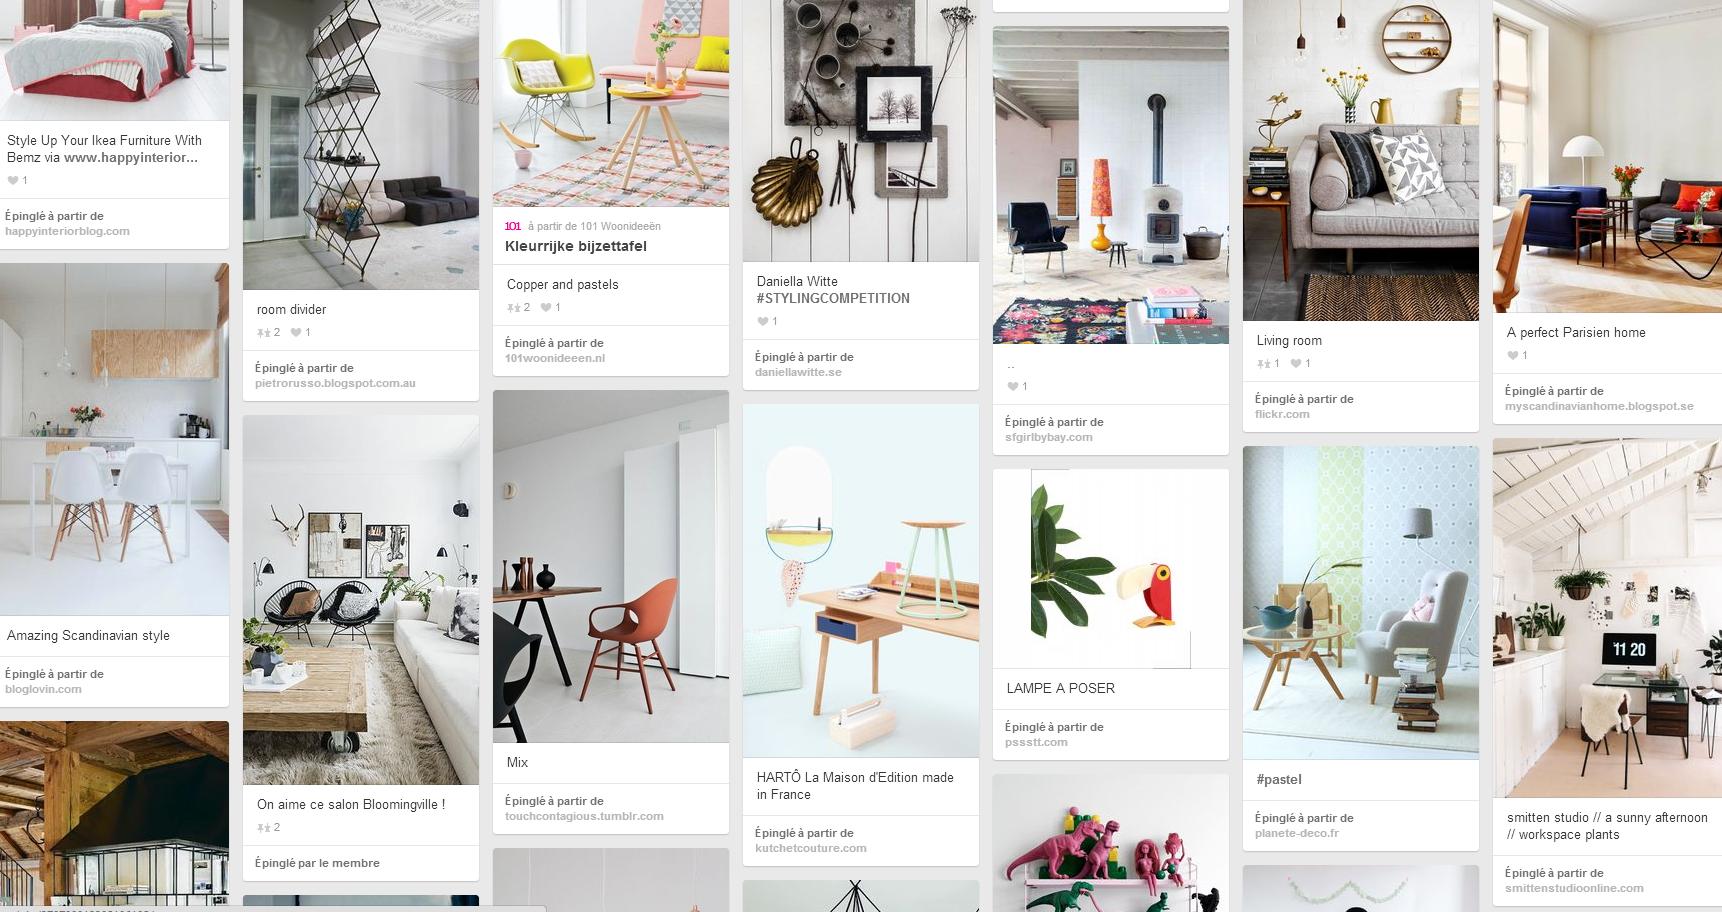 Planche d'inspiration de Press Loft France sur Pinterest